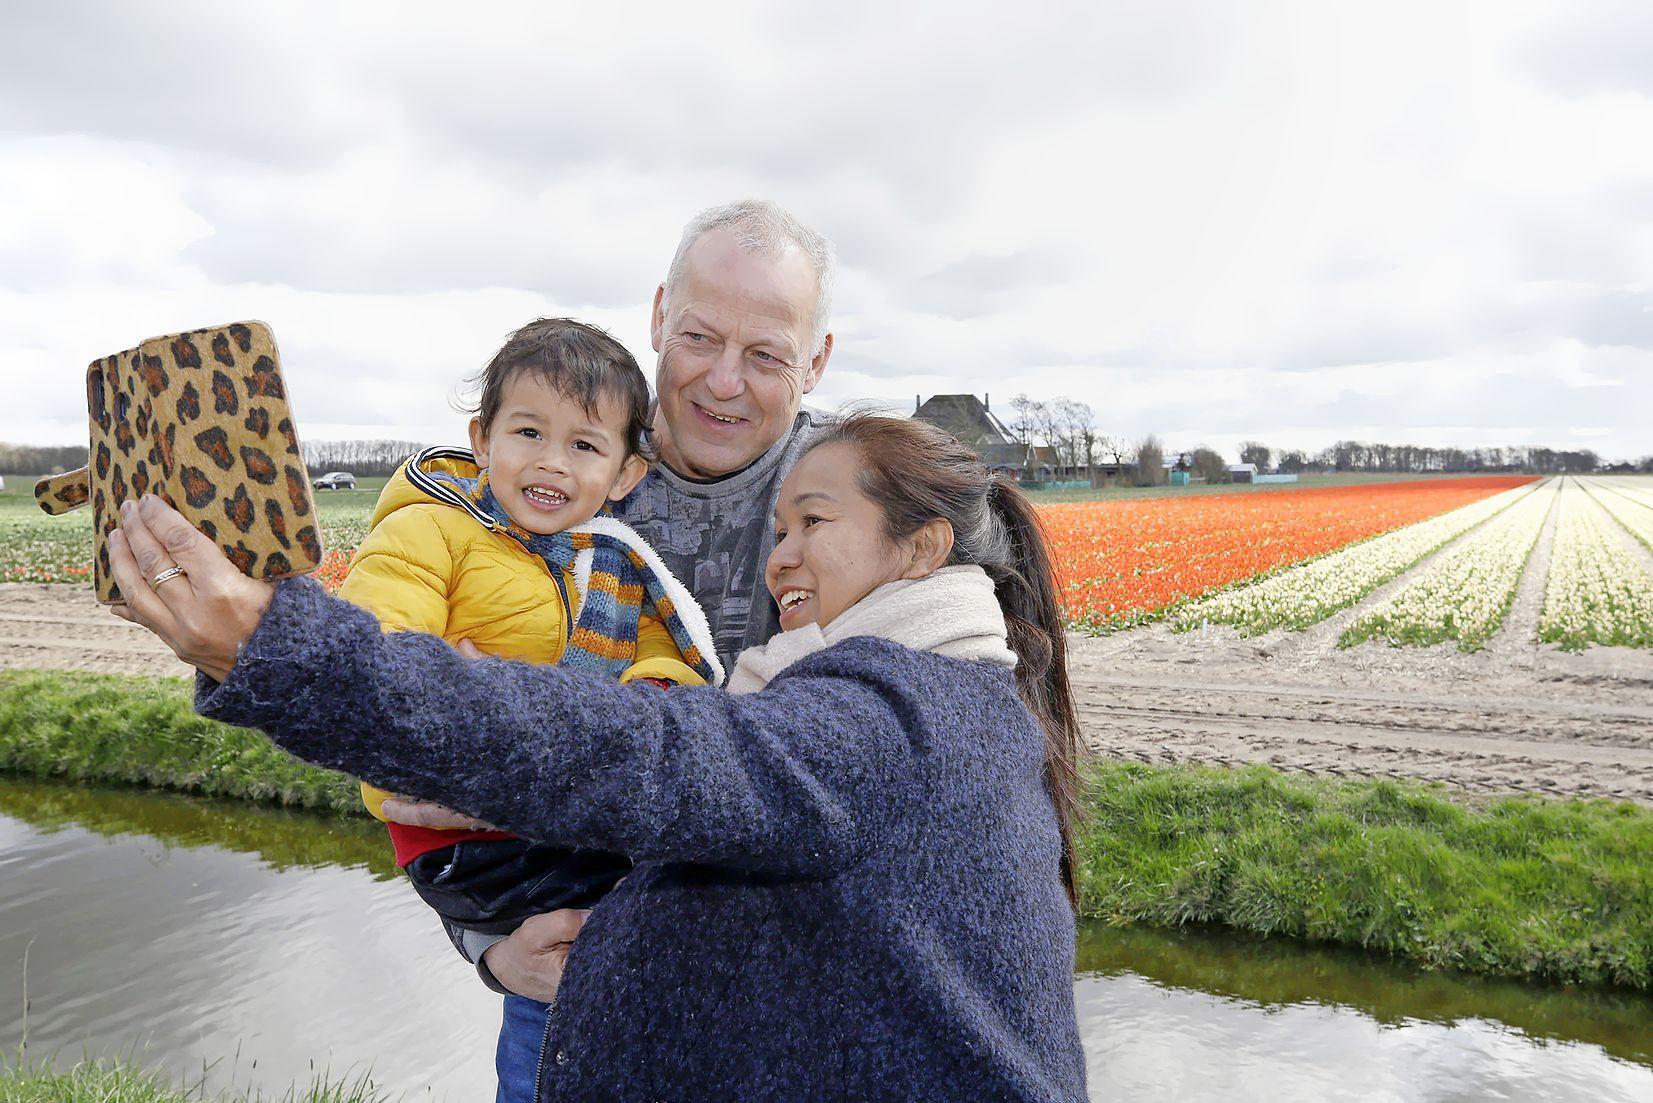 Helemaal uit Woerden naar 't Zand voor een selfie bij een bollenveld in bloei